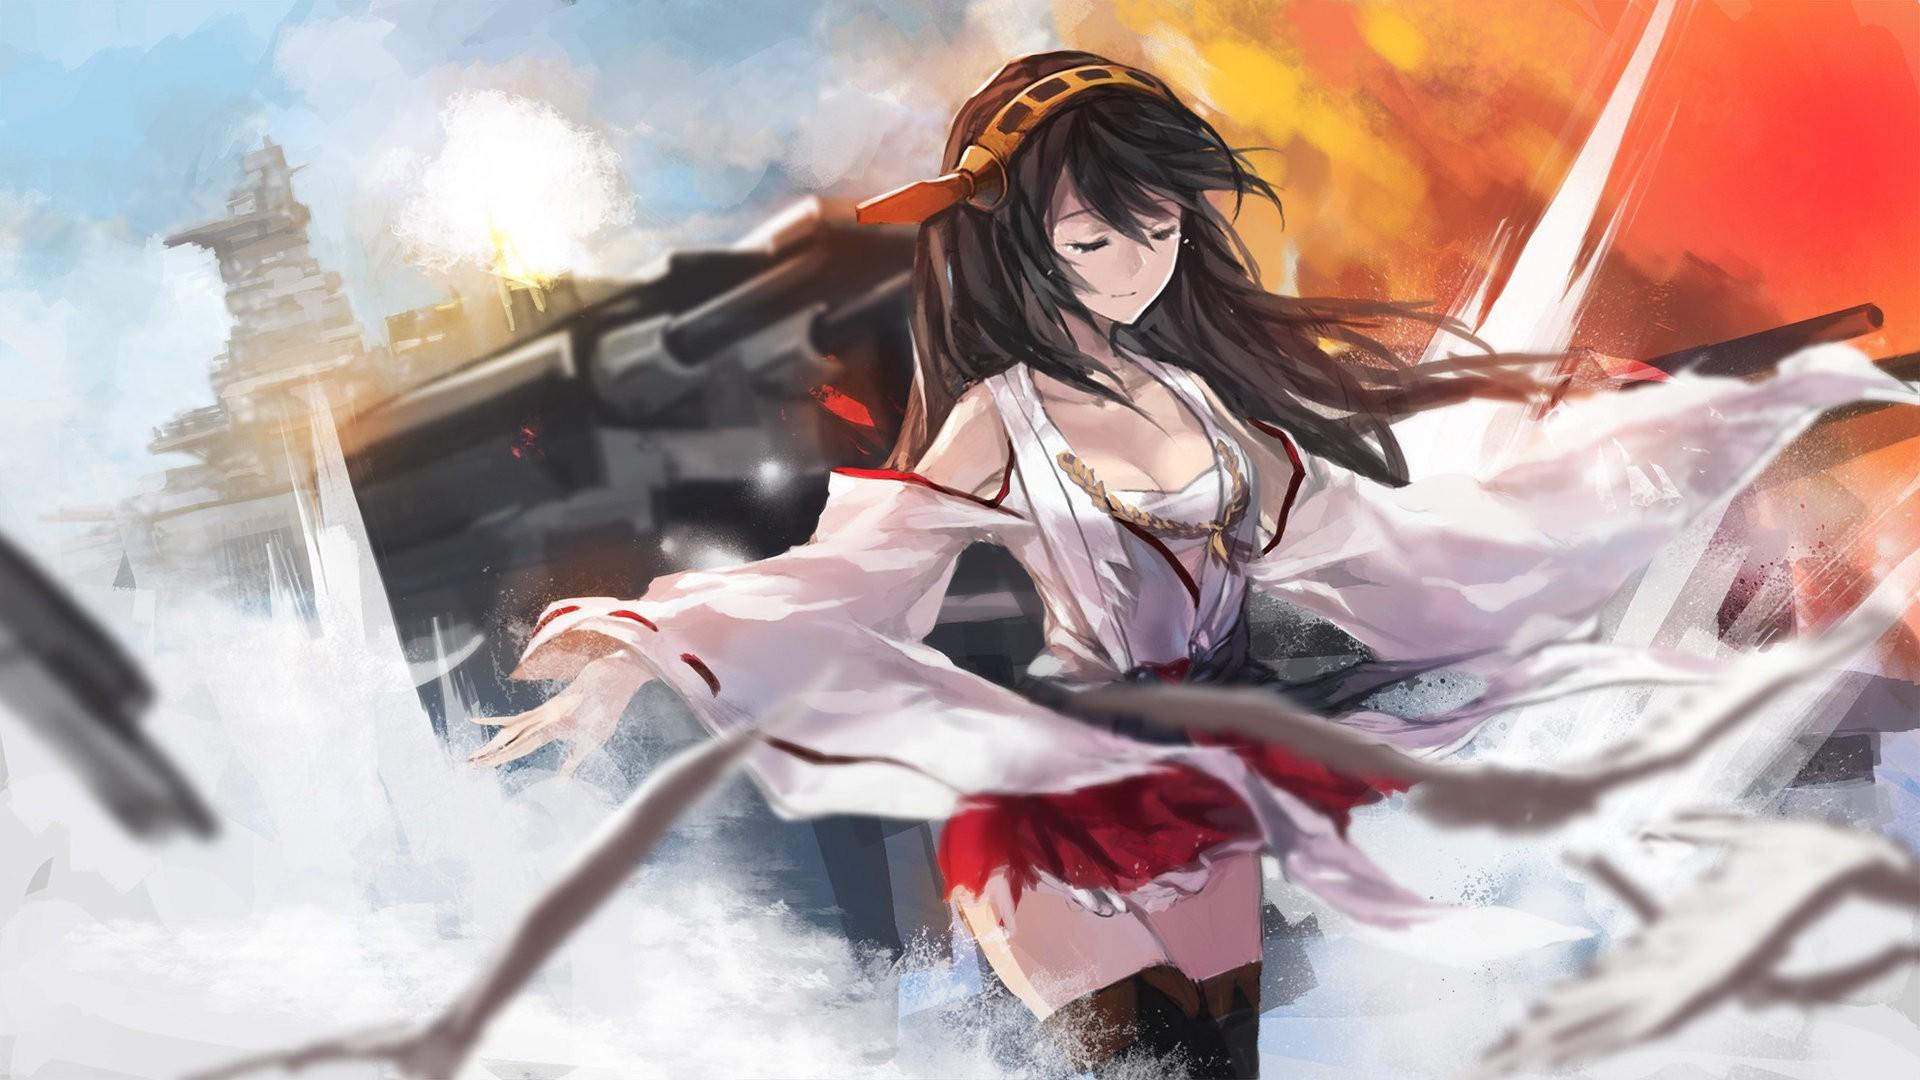 Картинки аниме сильных девушек